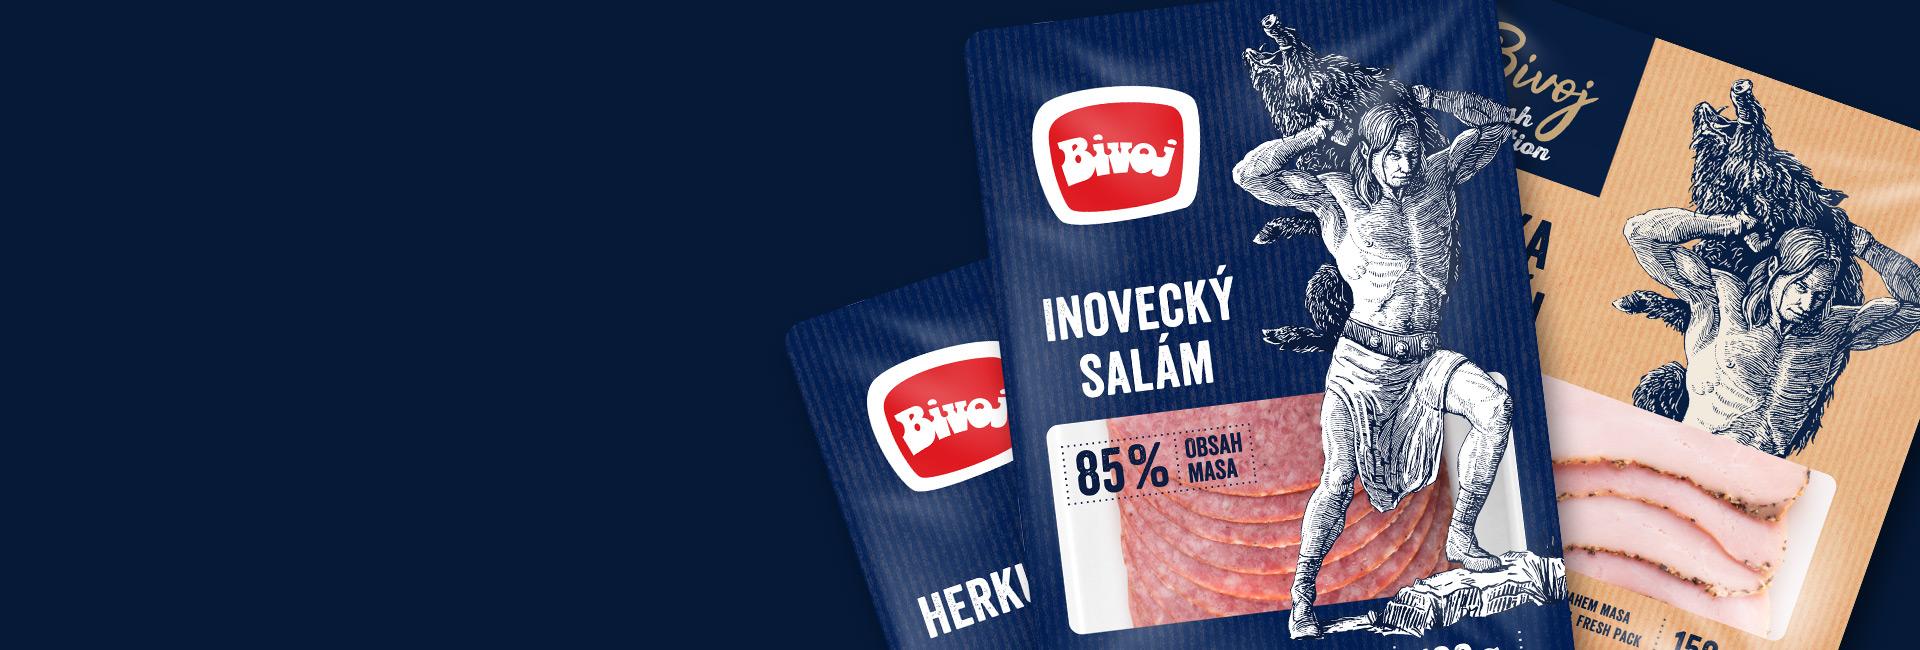 Máme za sebou úspešný rebranding a packaging design pre značku Bivoj